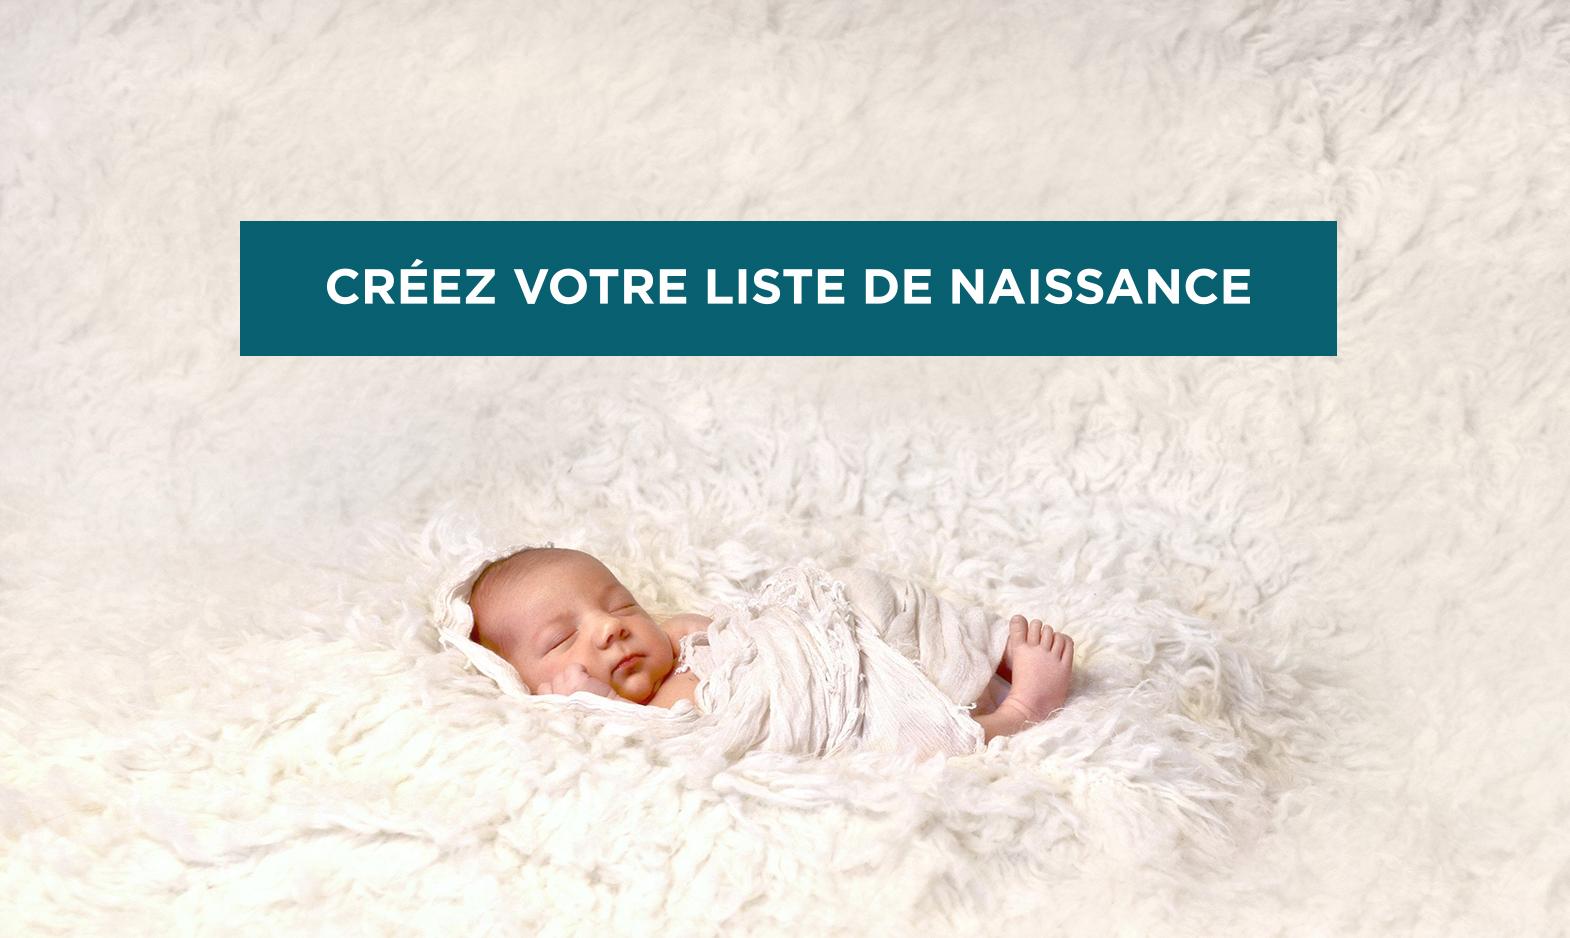 liste de naissance multi boutique mesenvies.fr